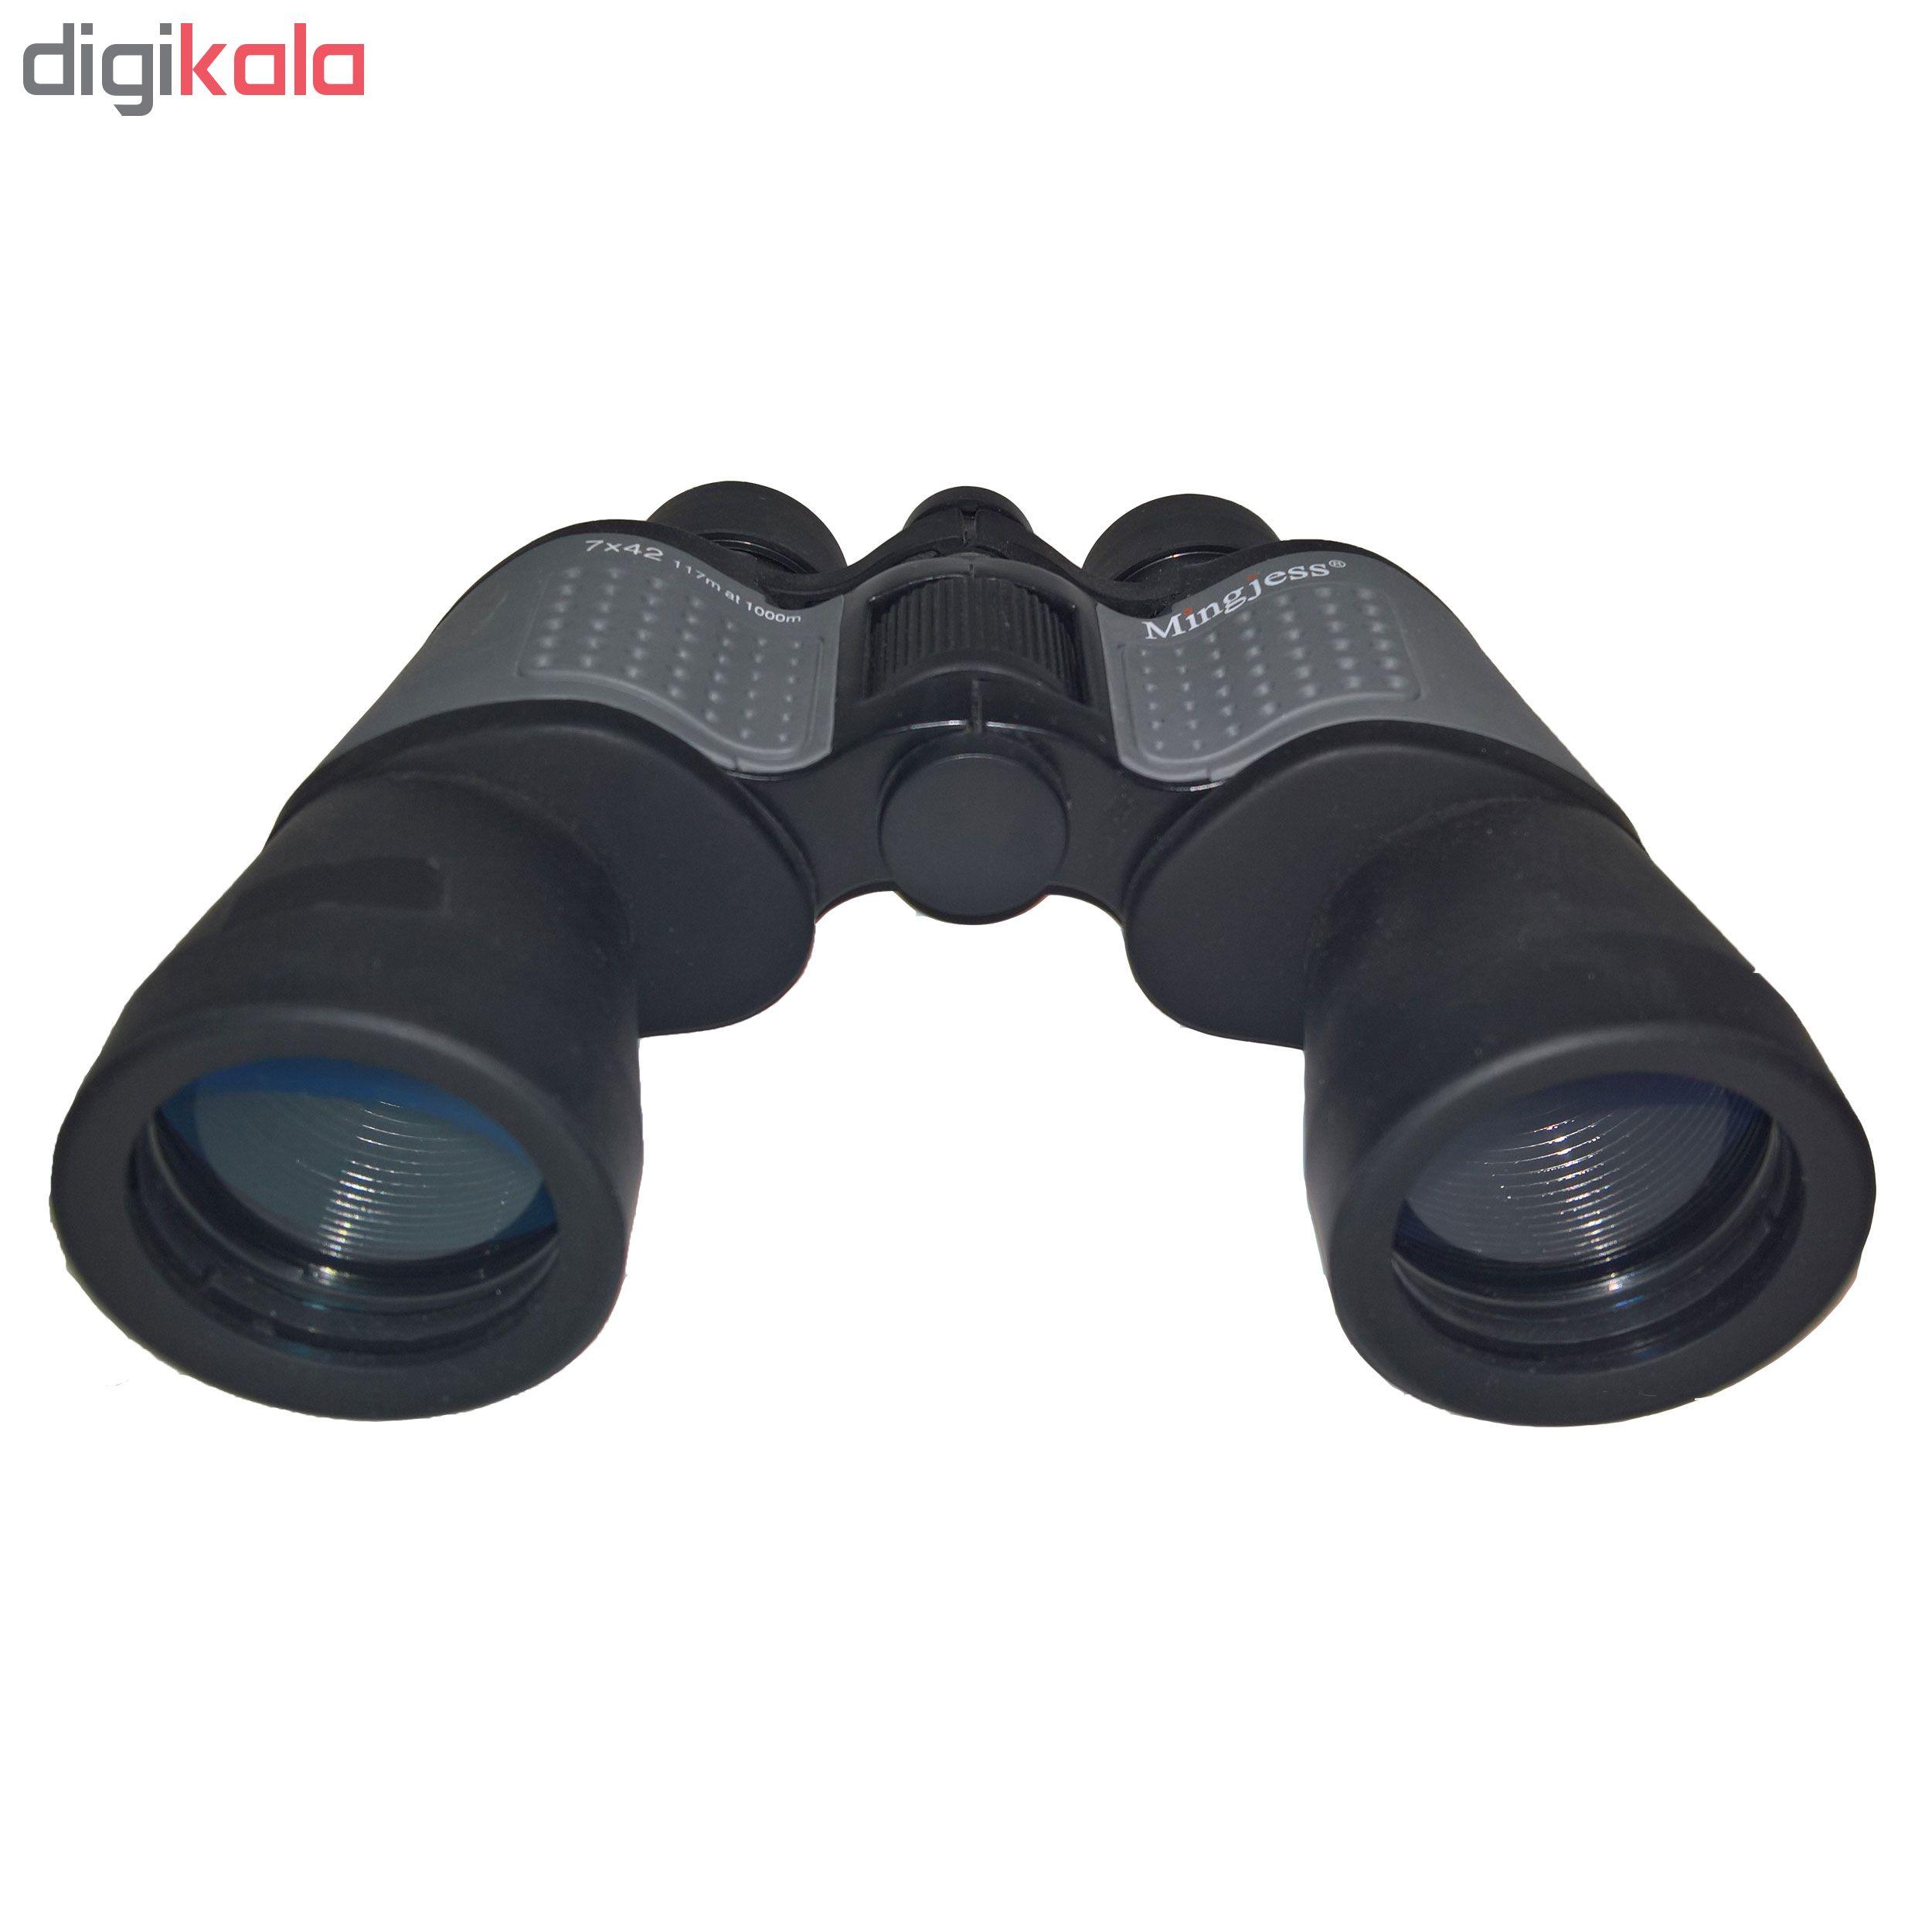 دوربین دو چشمی مینگجس مدل 42X7